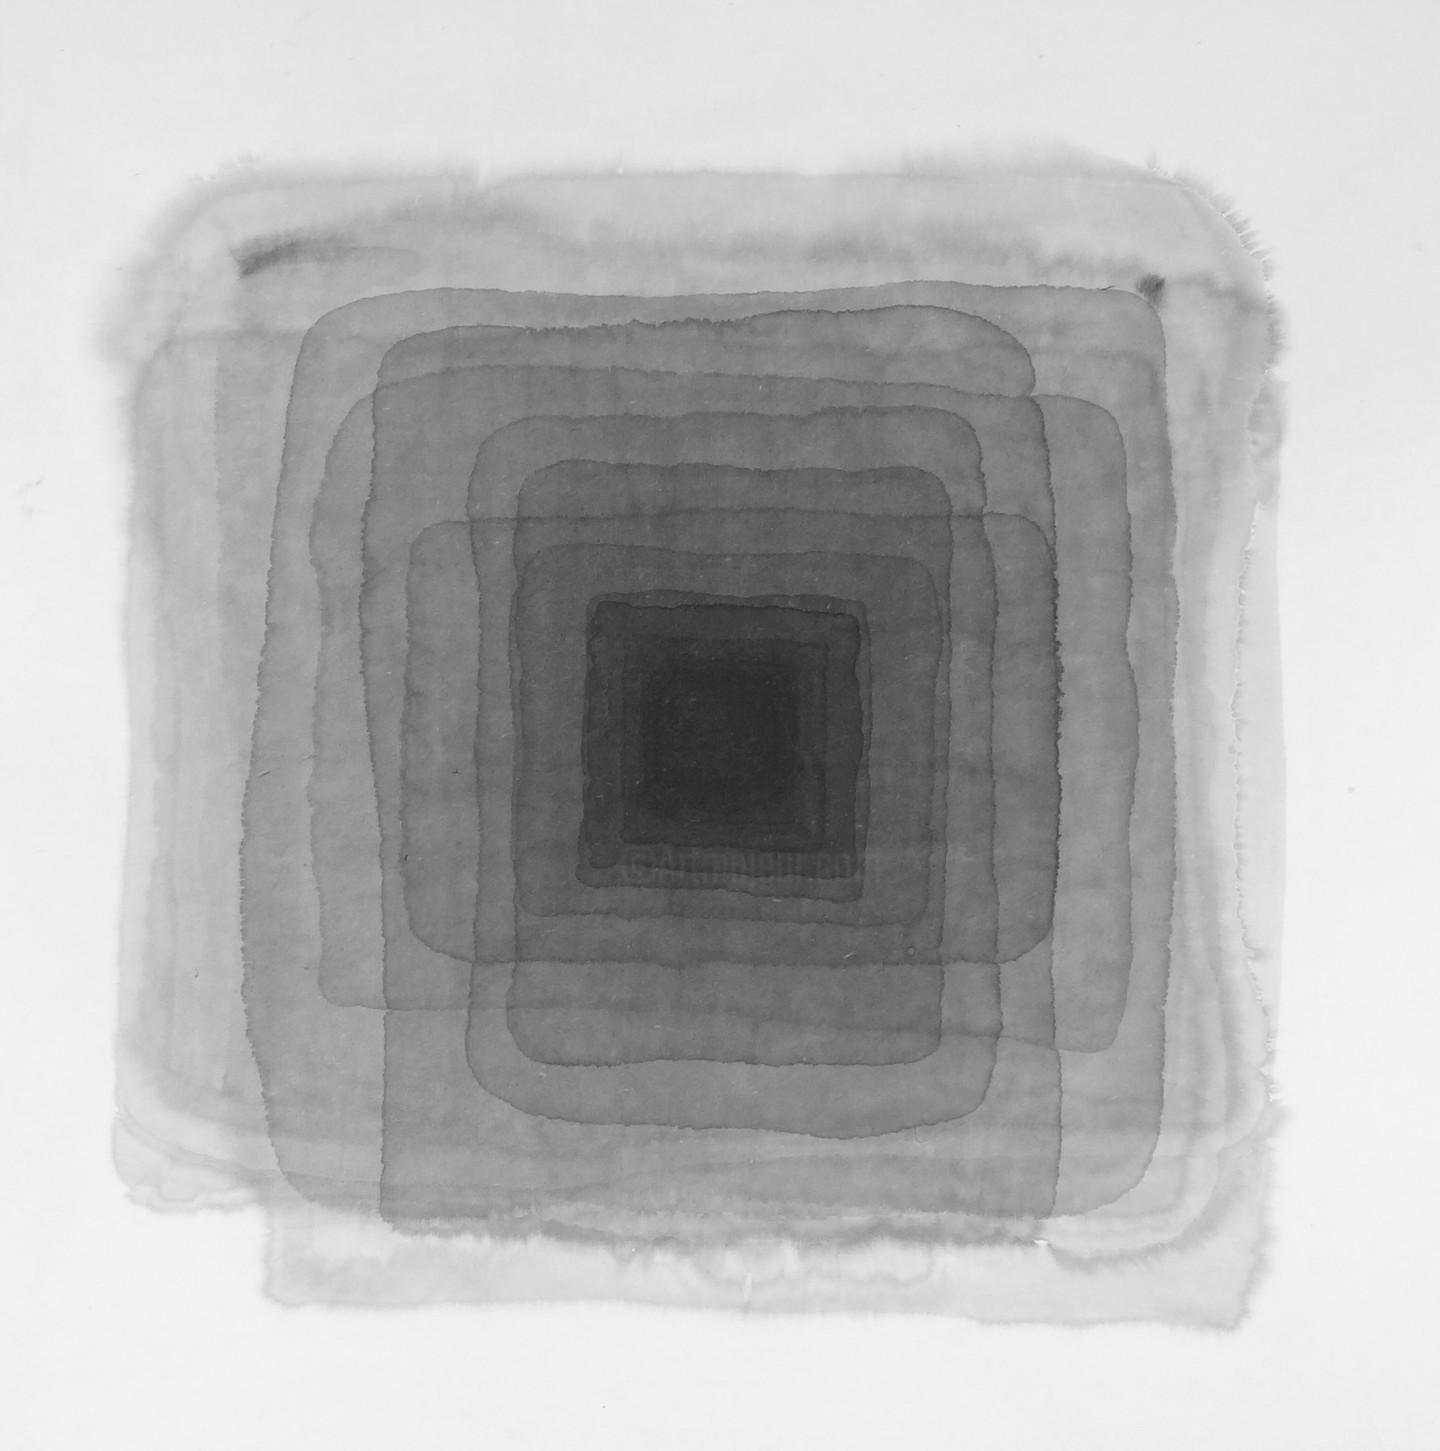 Biru Zhao - Perspective4°